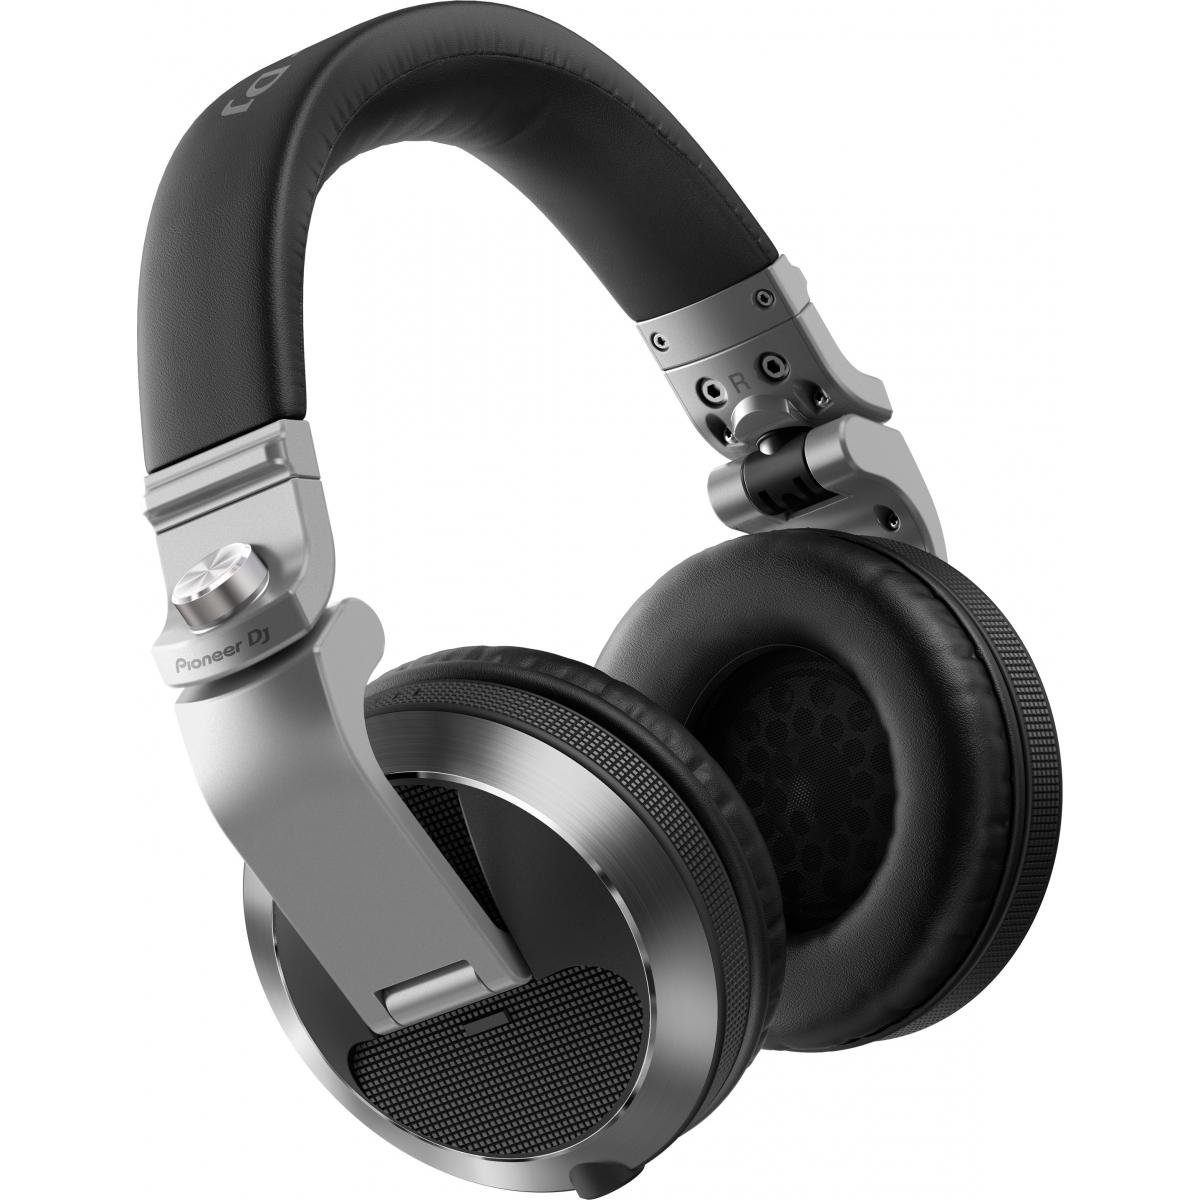 Casques DJ - Pioneer DJ - HDJ-X7-S